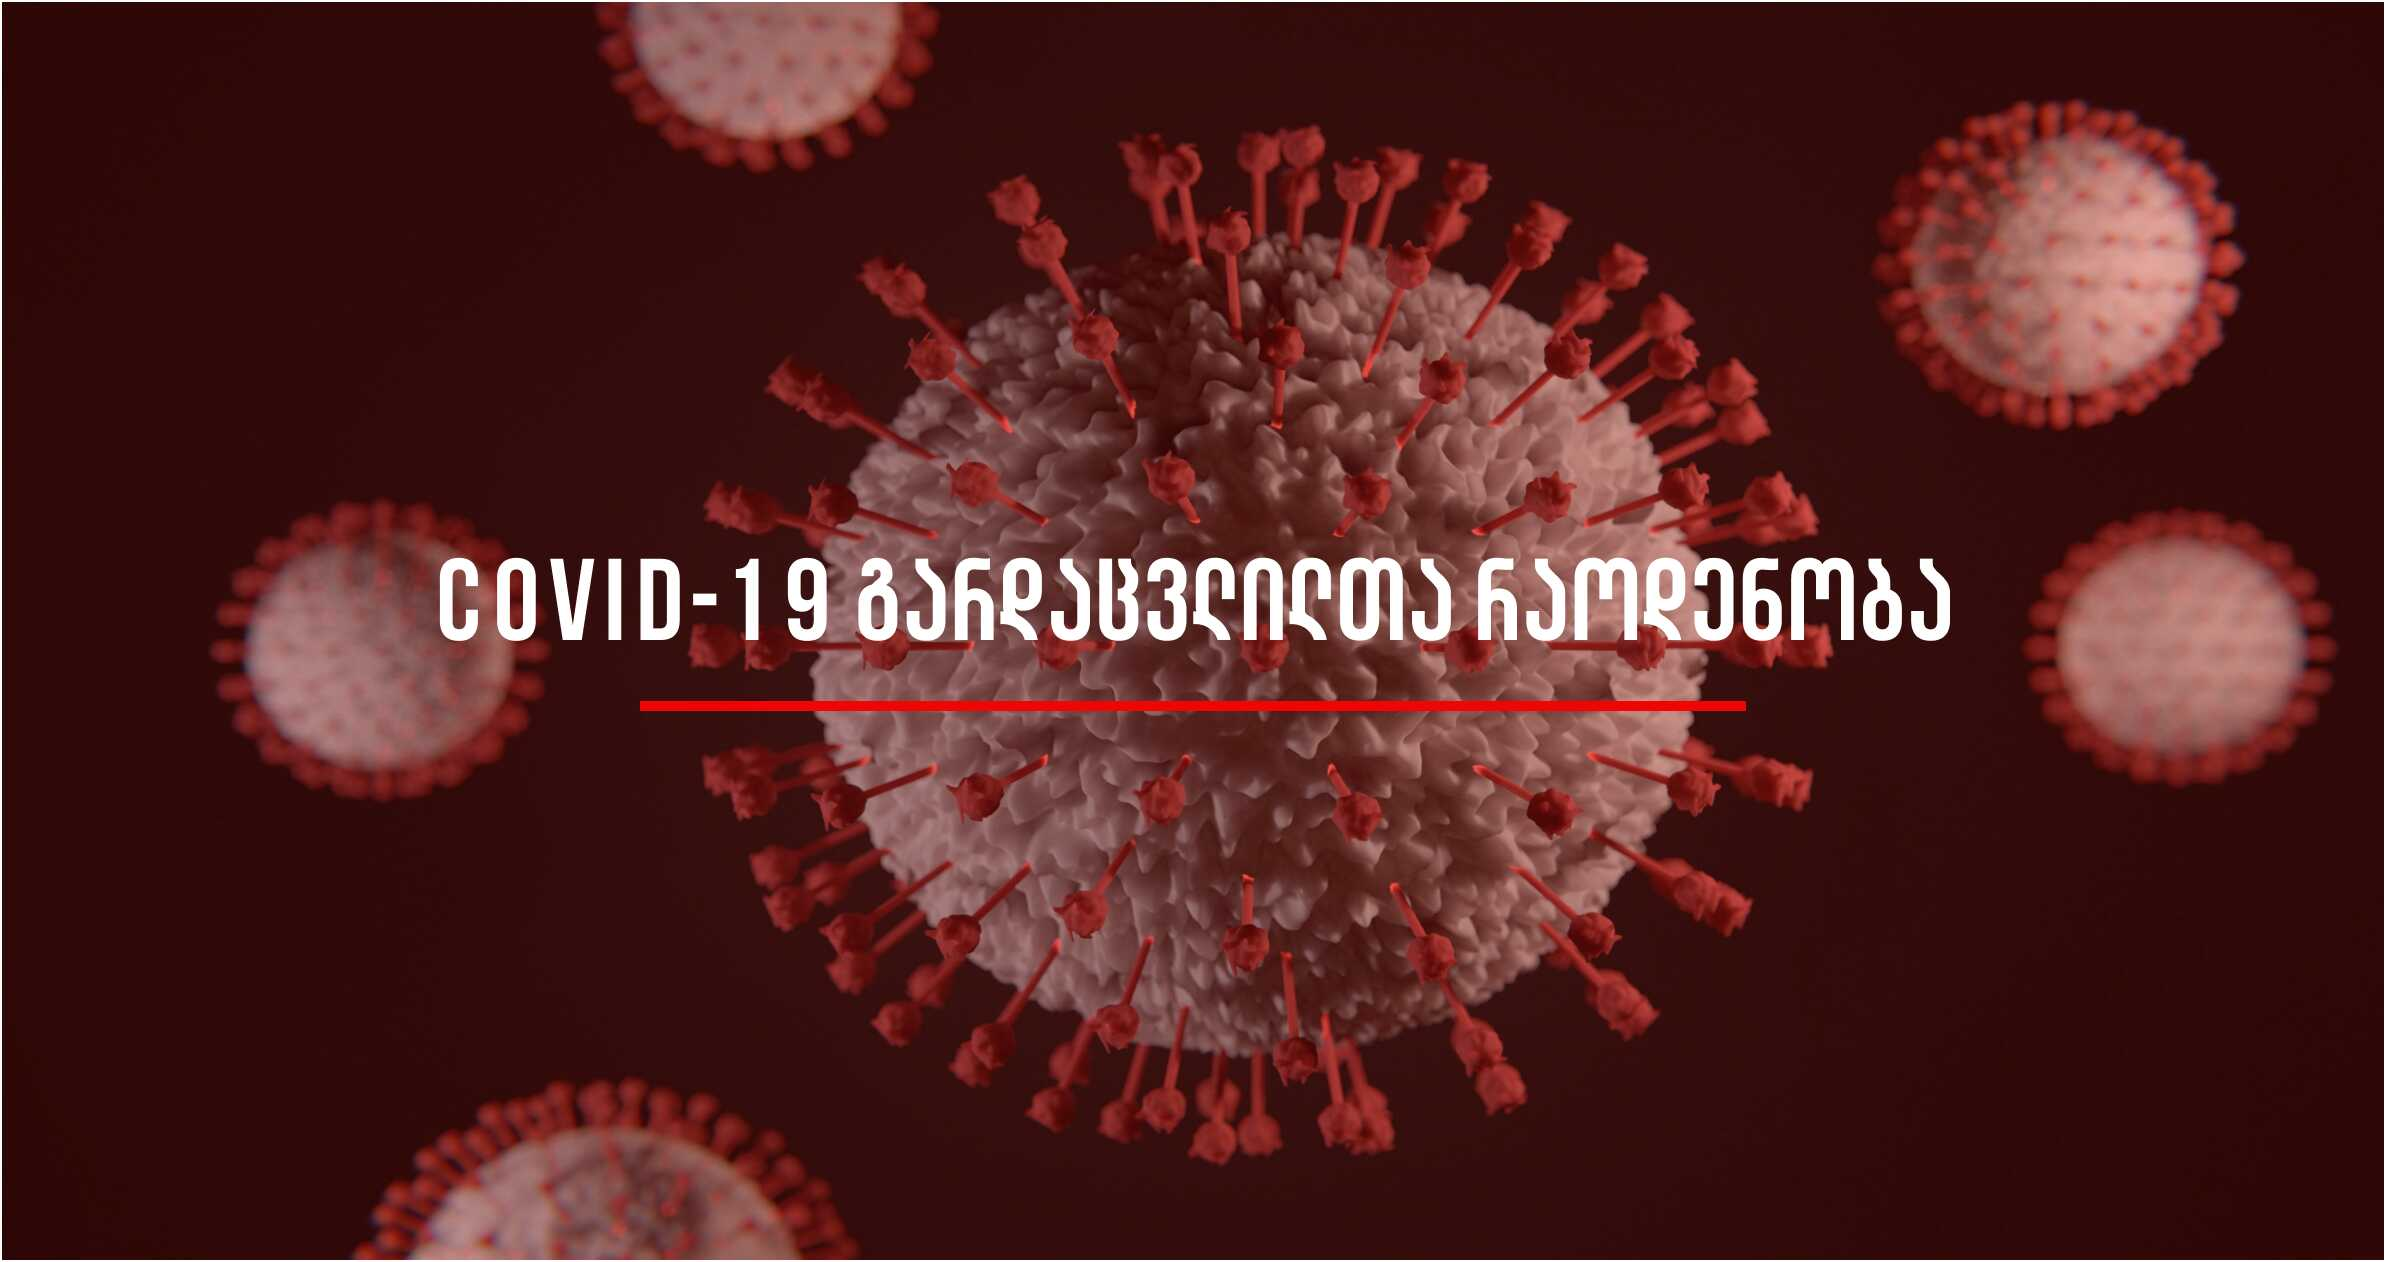 მსოფლიოში კორონვირუსით გარდაცვლილთა რაოდენობმ 60,000-ს გადააჭარბა